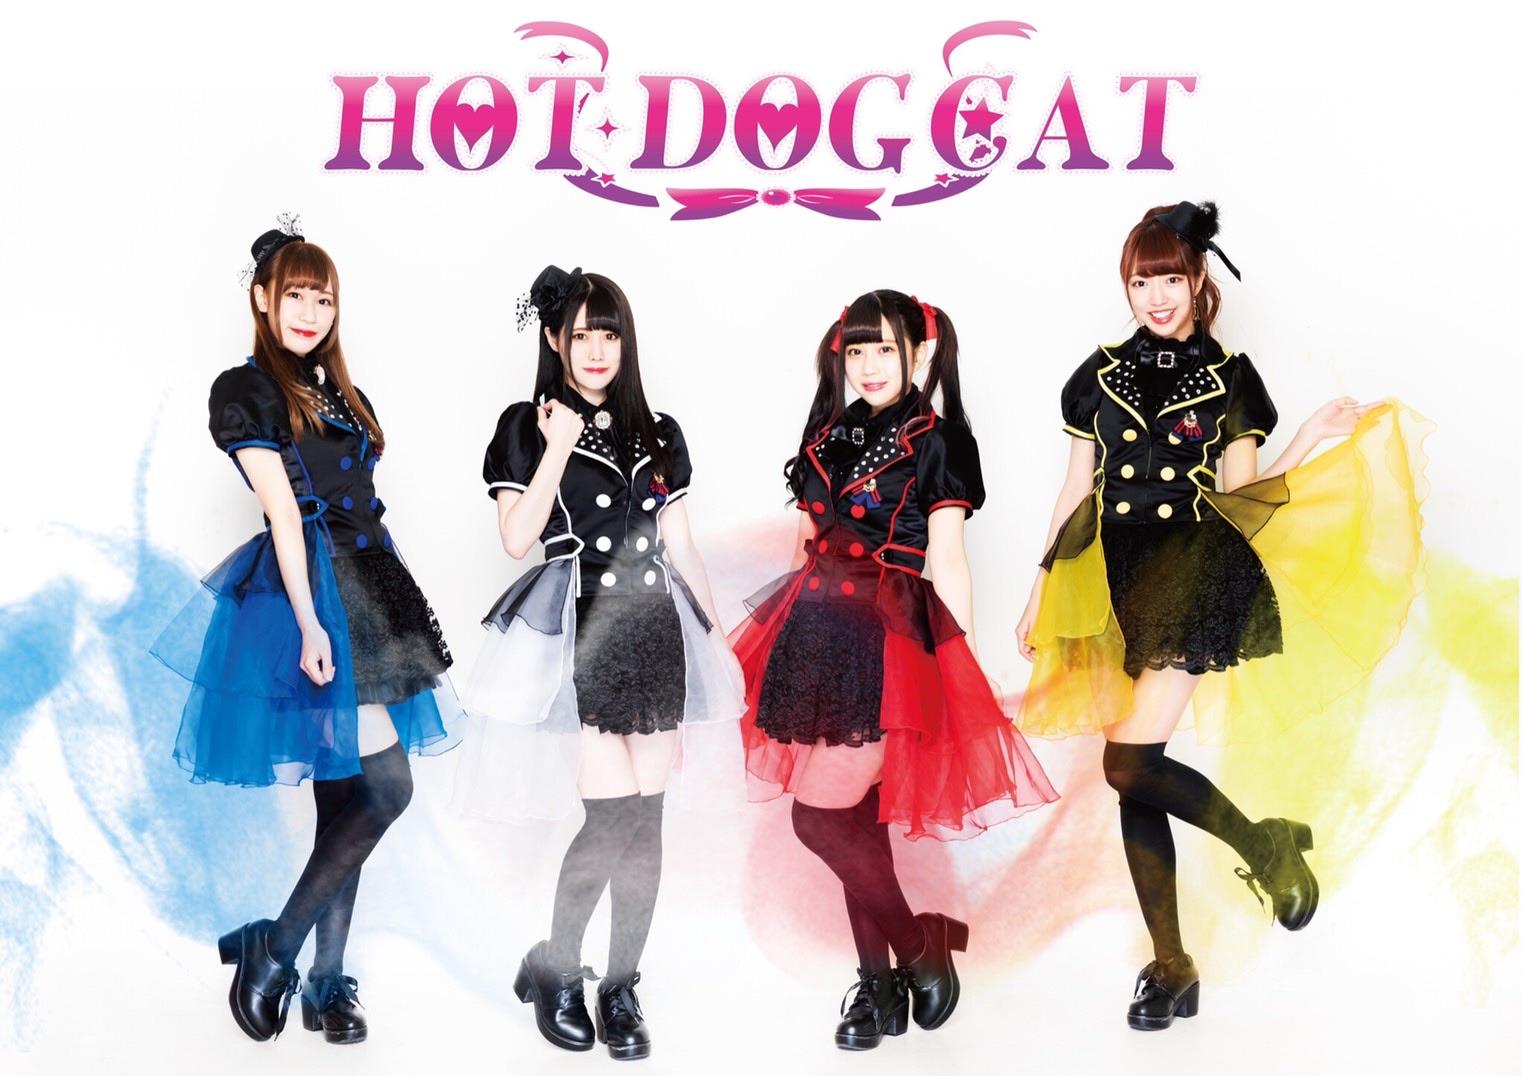 HOT DOG CAT 2ndワンマンライブ 〜わん??にゃん!!だふるらいふ〜